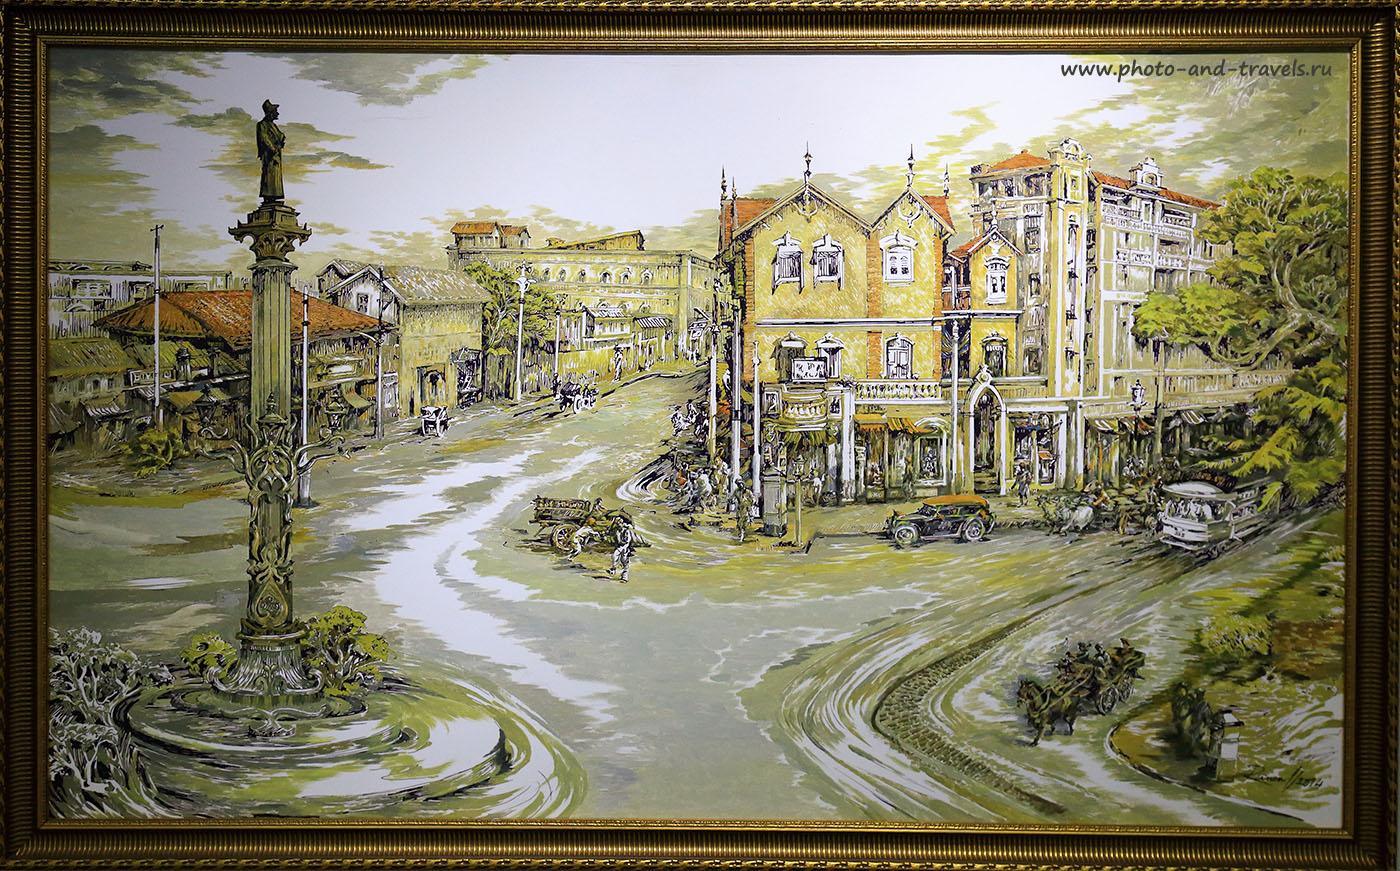 Фотография 2. Современная картина. Улица Бомбея во второй половине XX века. Отчеты о путешествии по Индии. (24-70,1/160, 0eV, f7.1, 33 mm, ISO 1600)